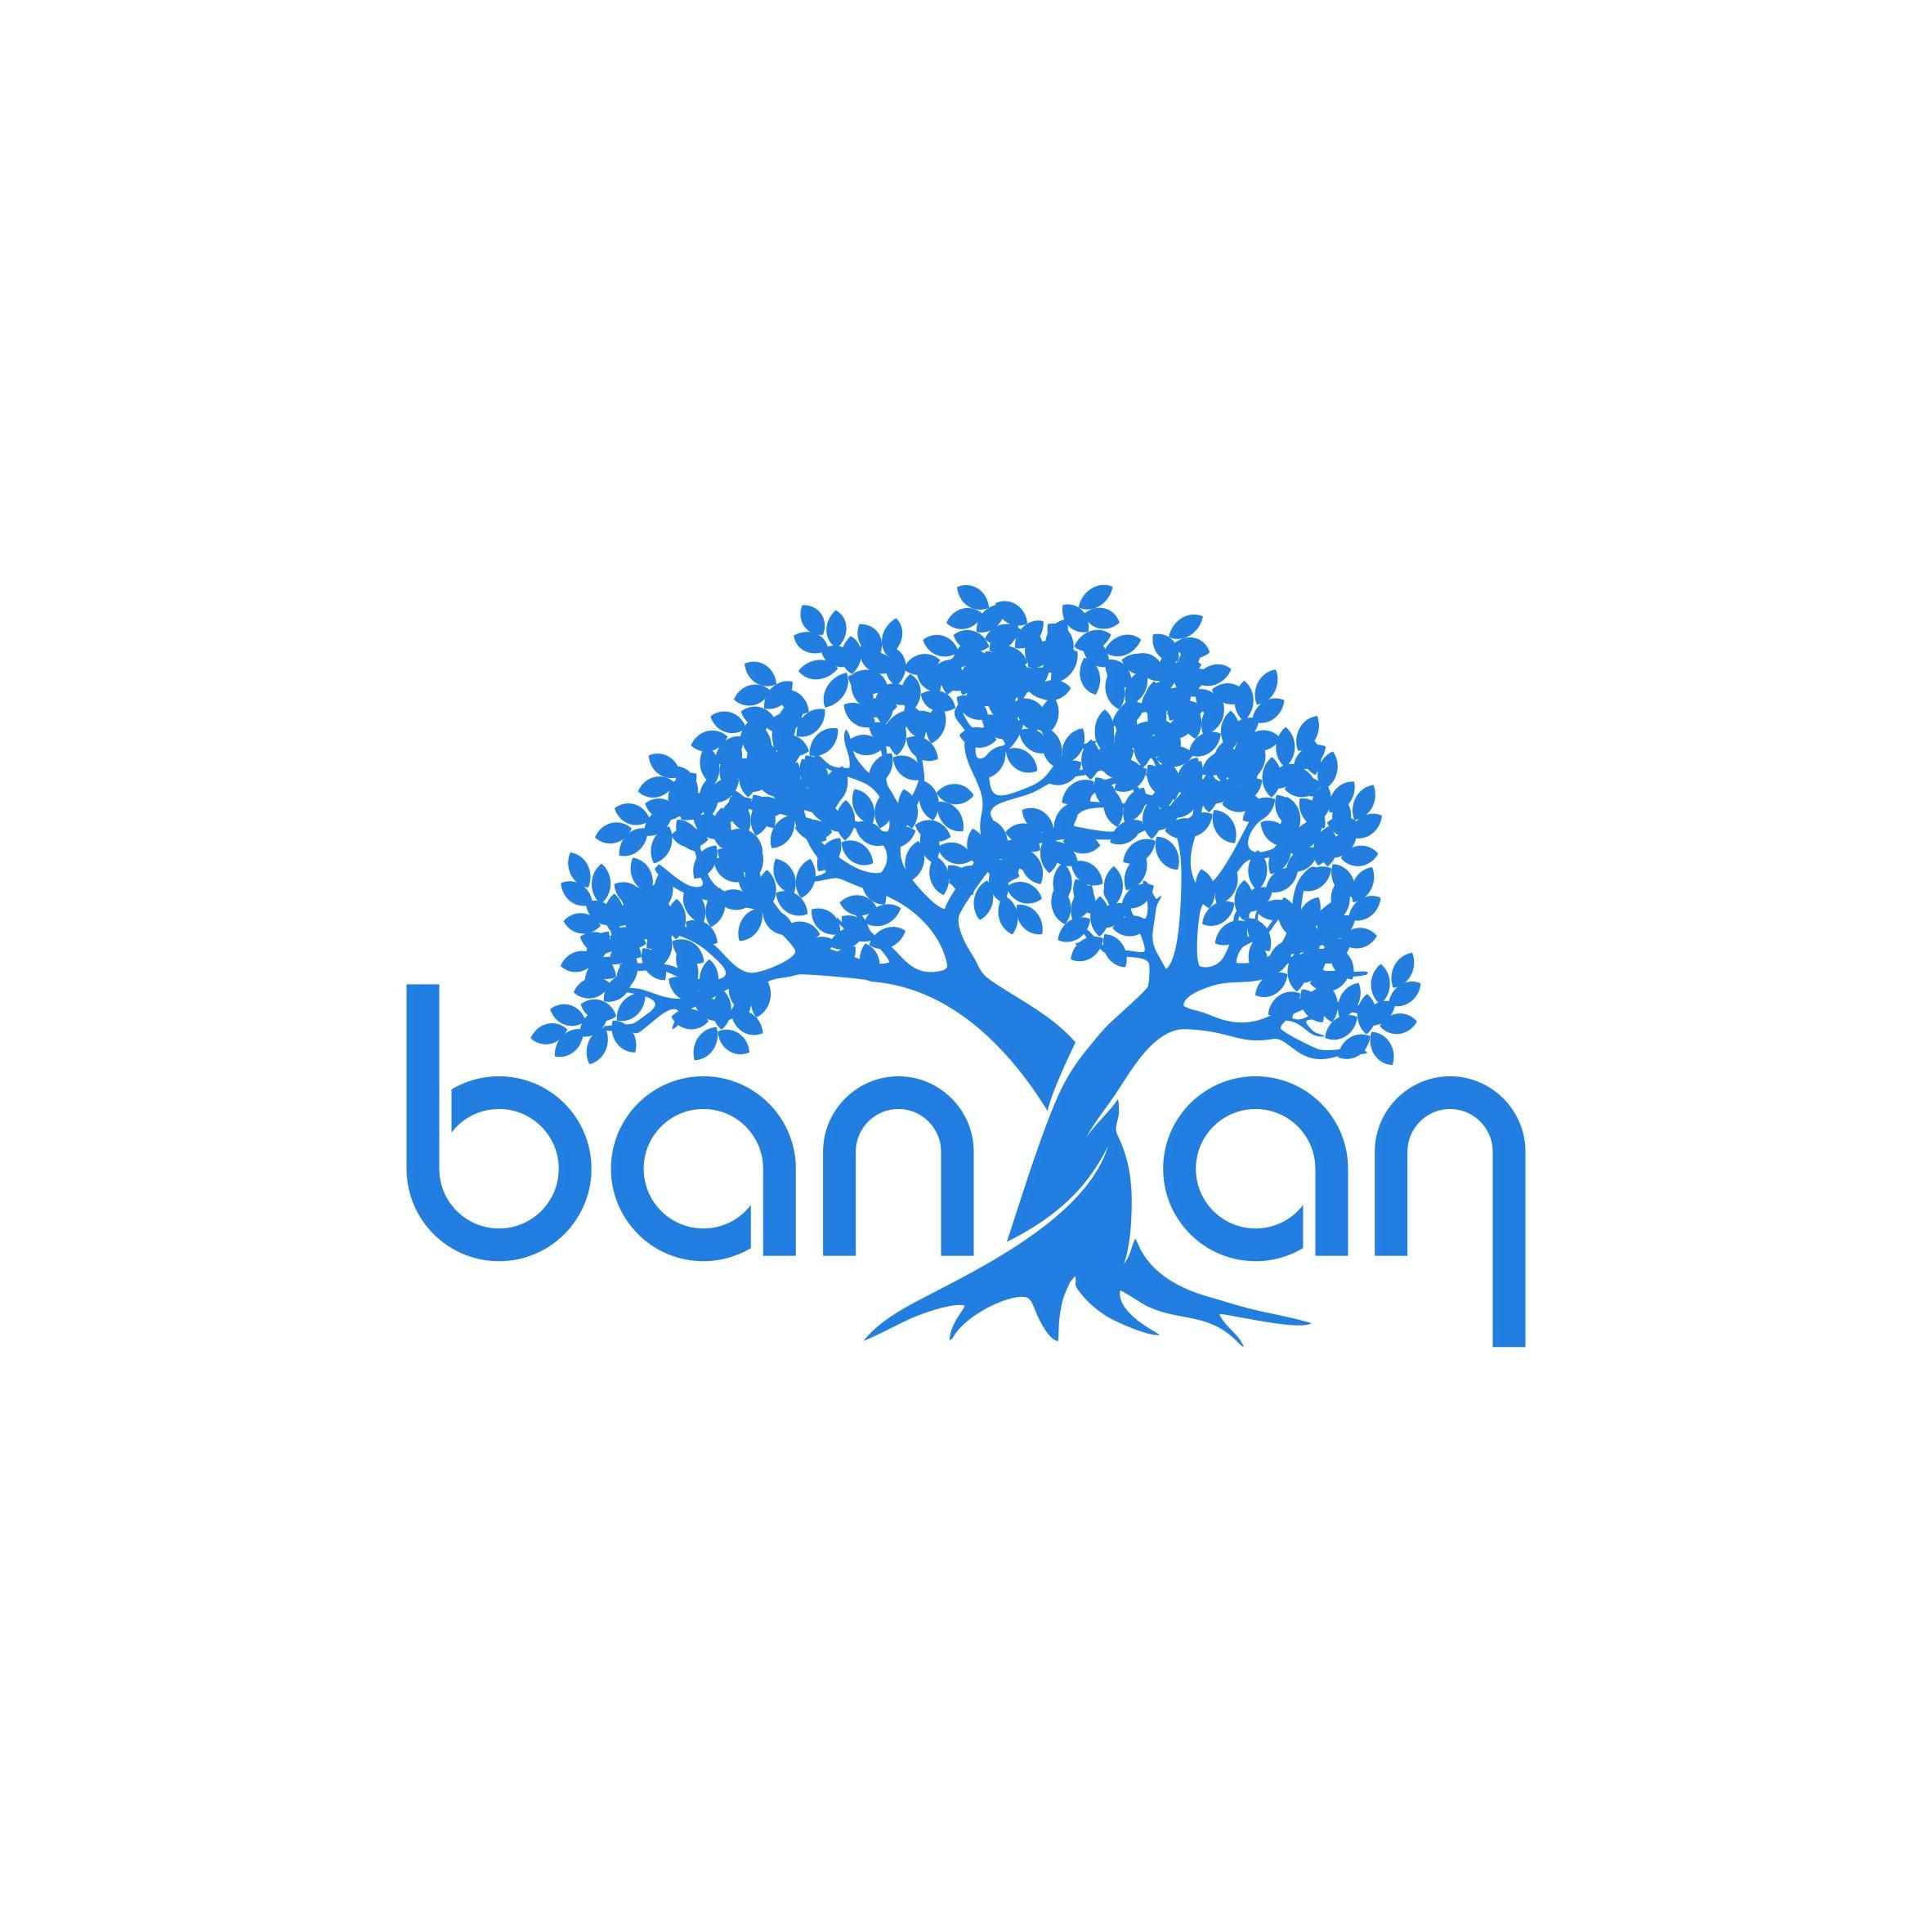 Banyan - Improve my logo